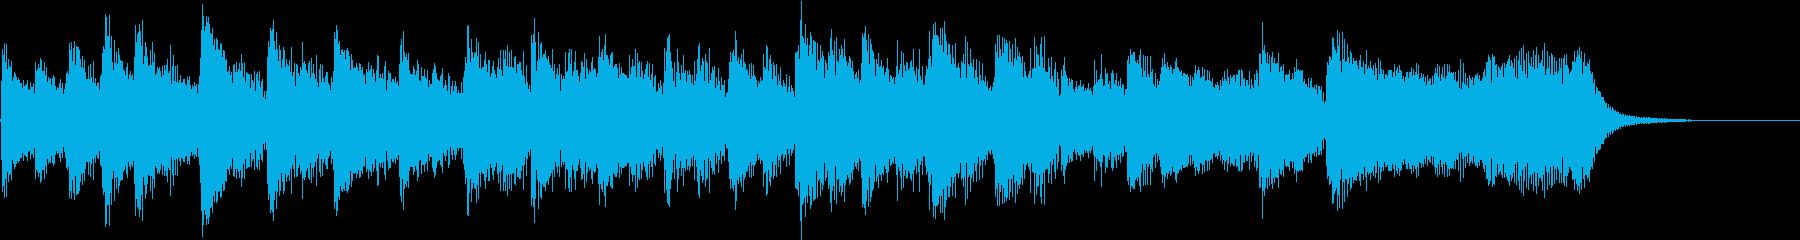 ジングル ピアノとギターの明るいジングルの再生済みの波形